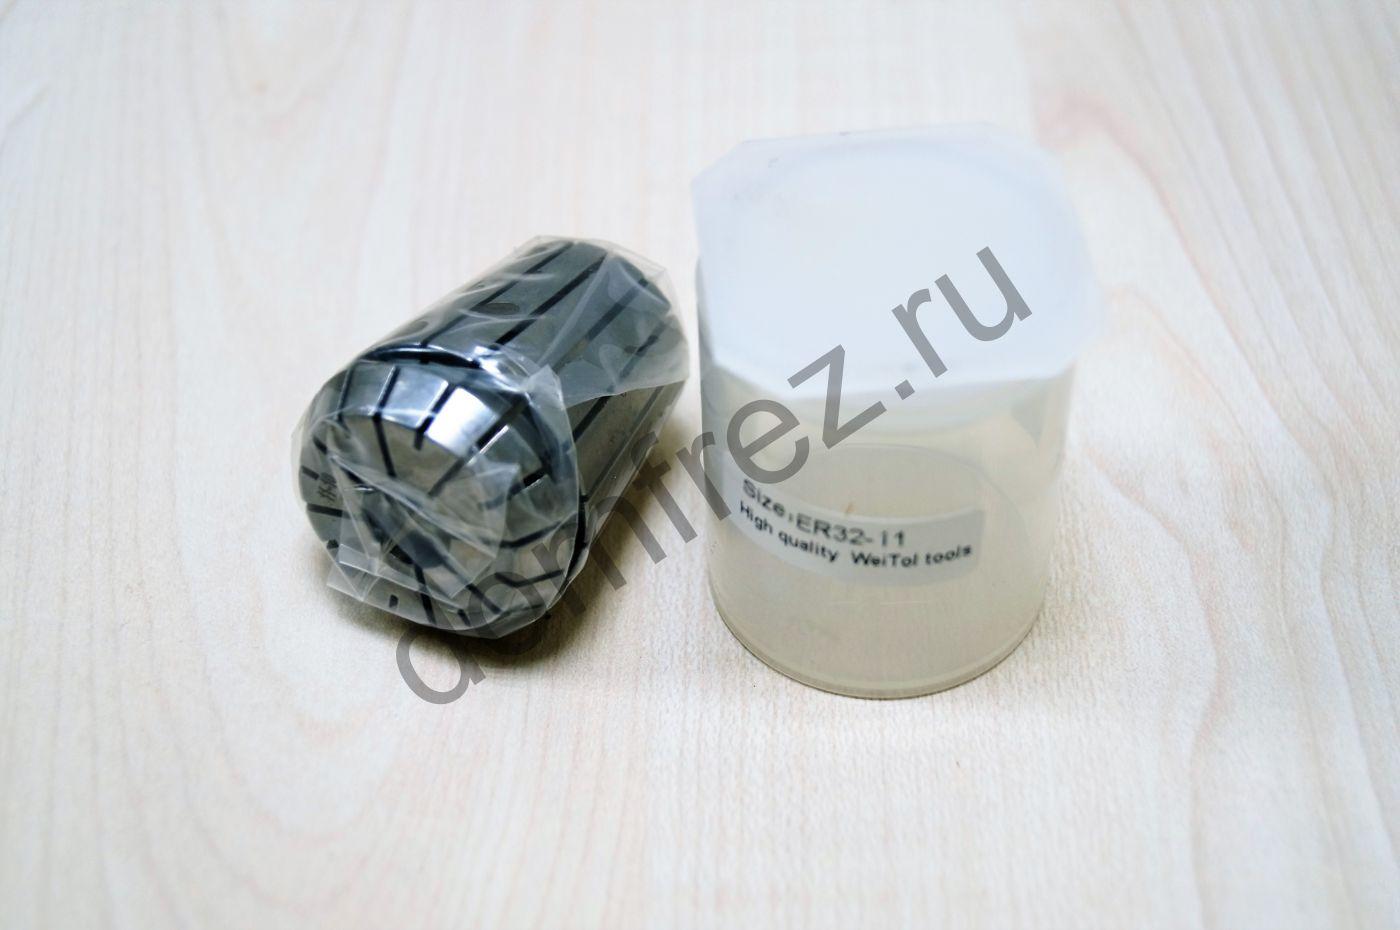 Цанга ER32-11